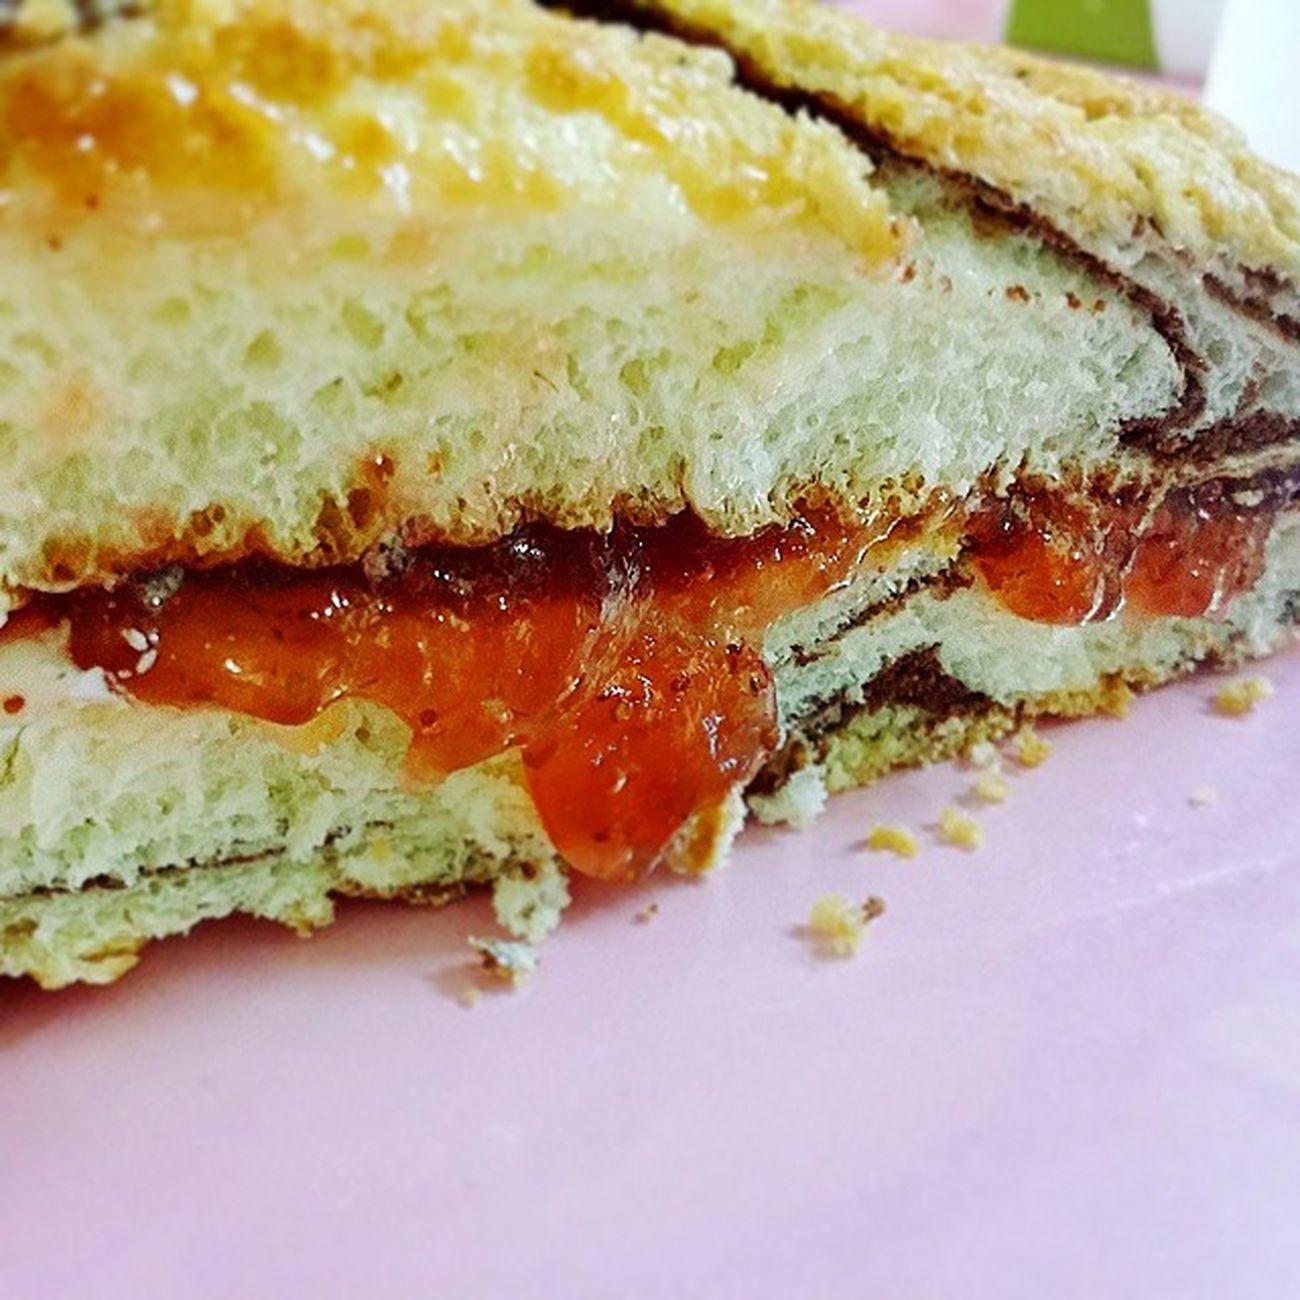 대원당 맘모스빵 딸기잼 반 크림 반 시나몬향 좋아😍 먹스타그램 빵스타그램 인스타푸드 Foodstagram